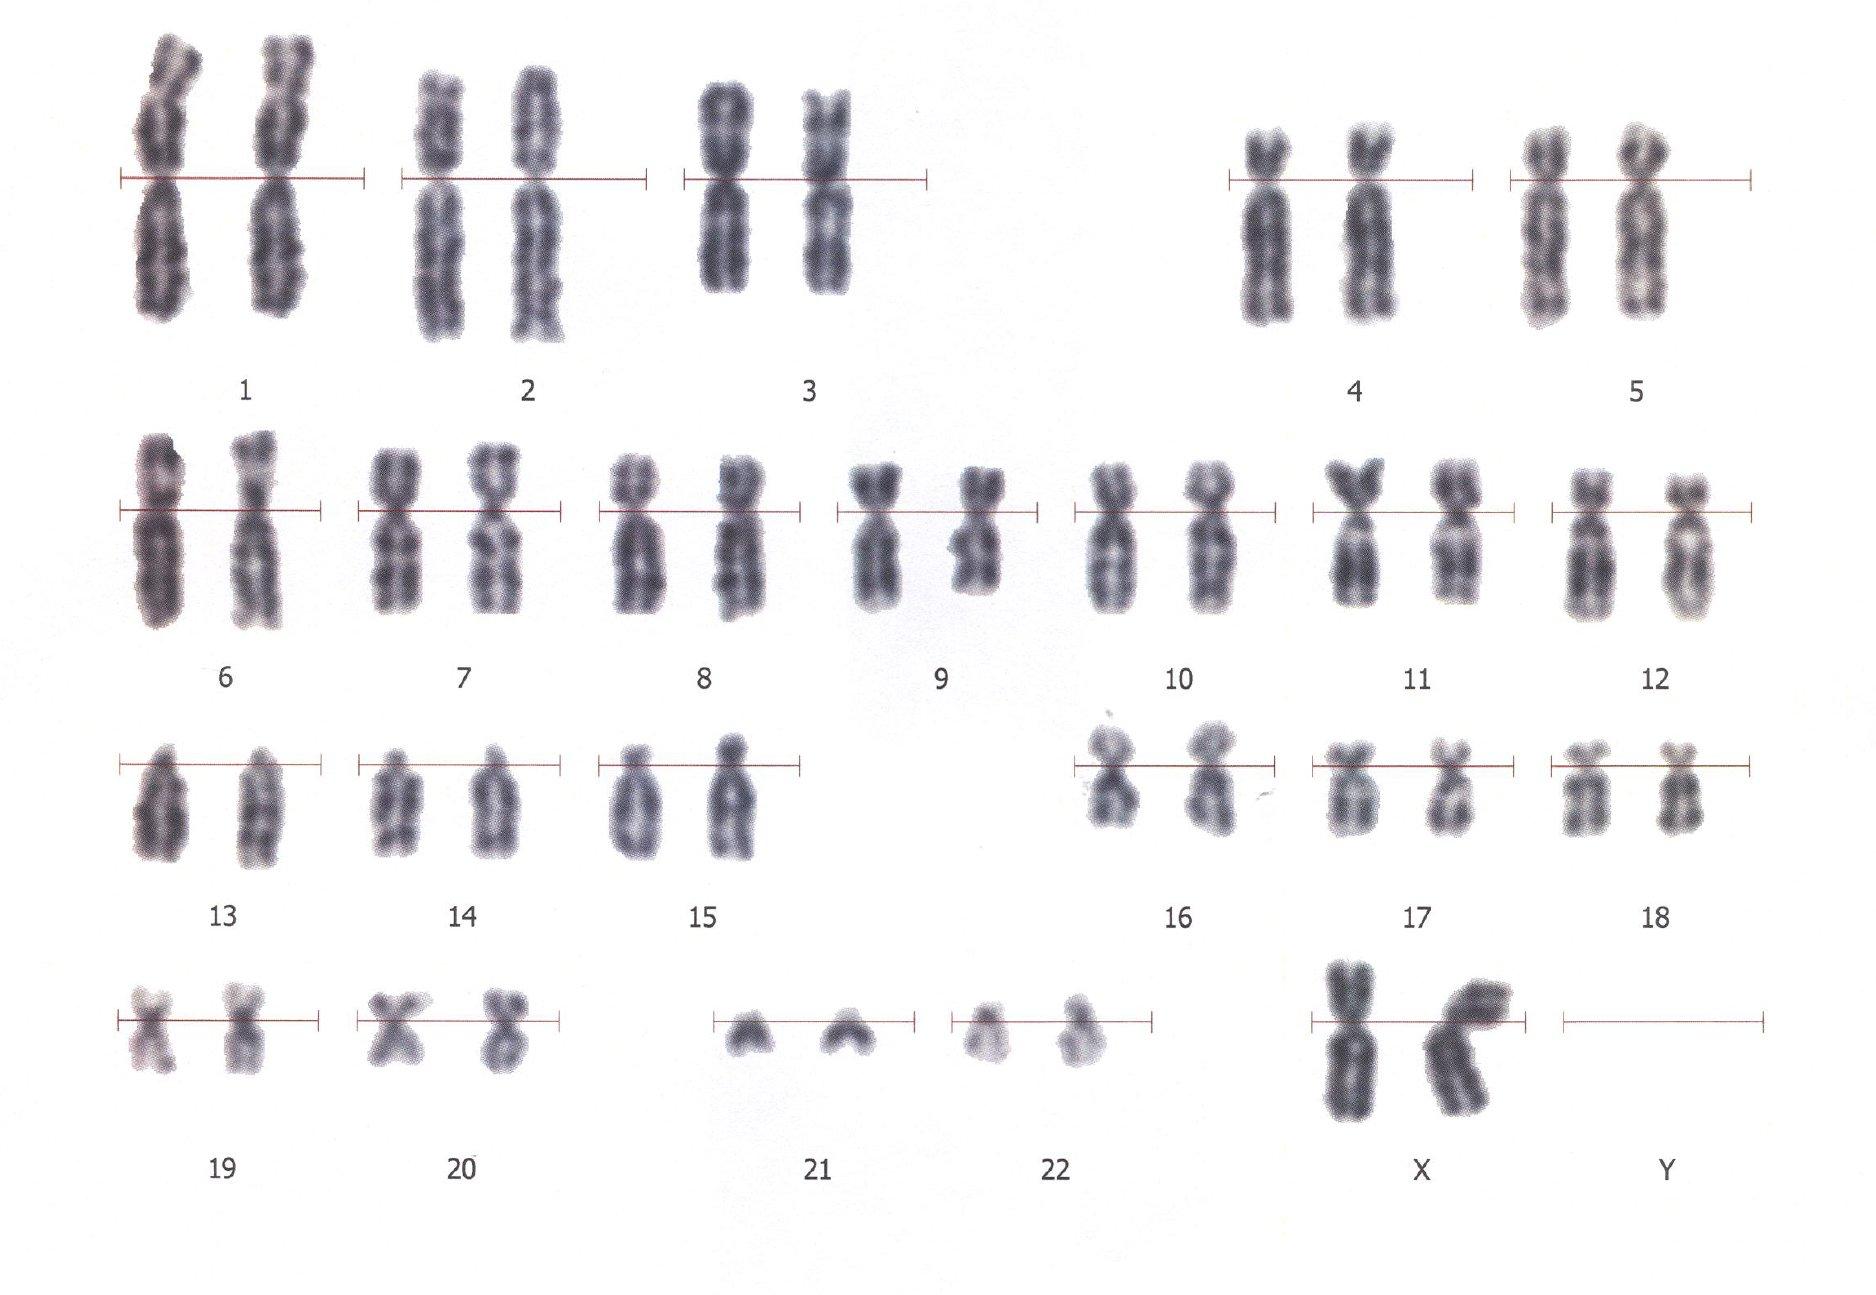 Кариотип человека: что такое, определение кариотипа, хромосомы - сам себе доктор